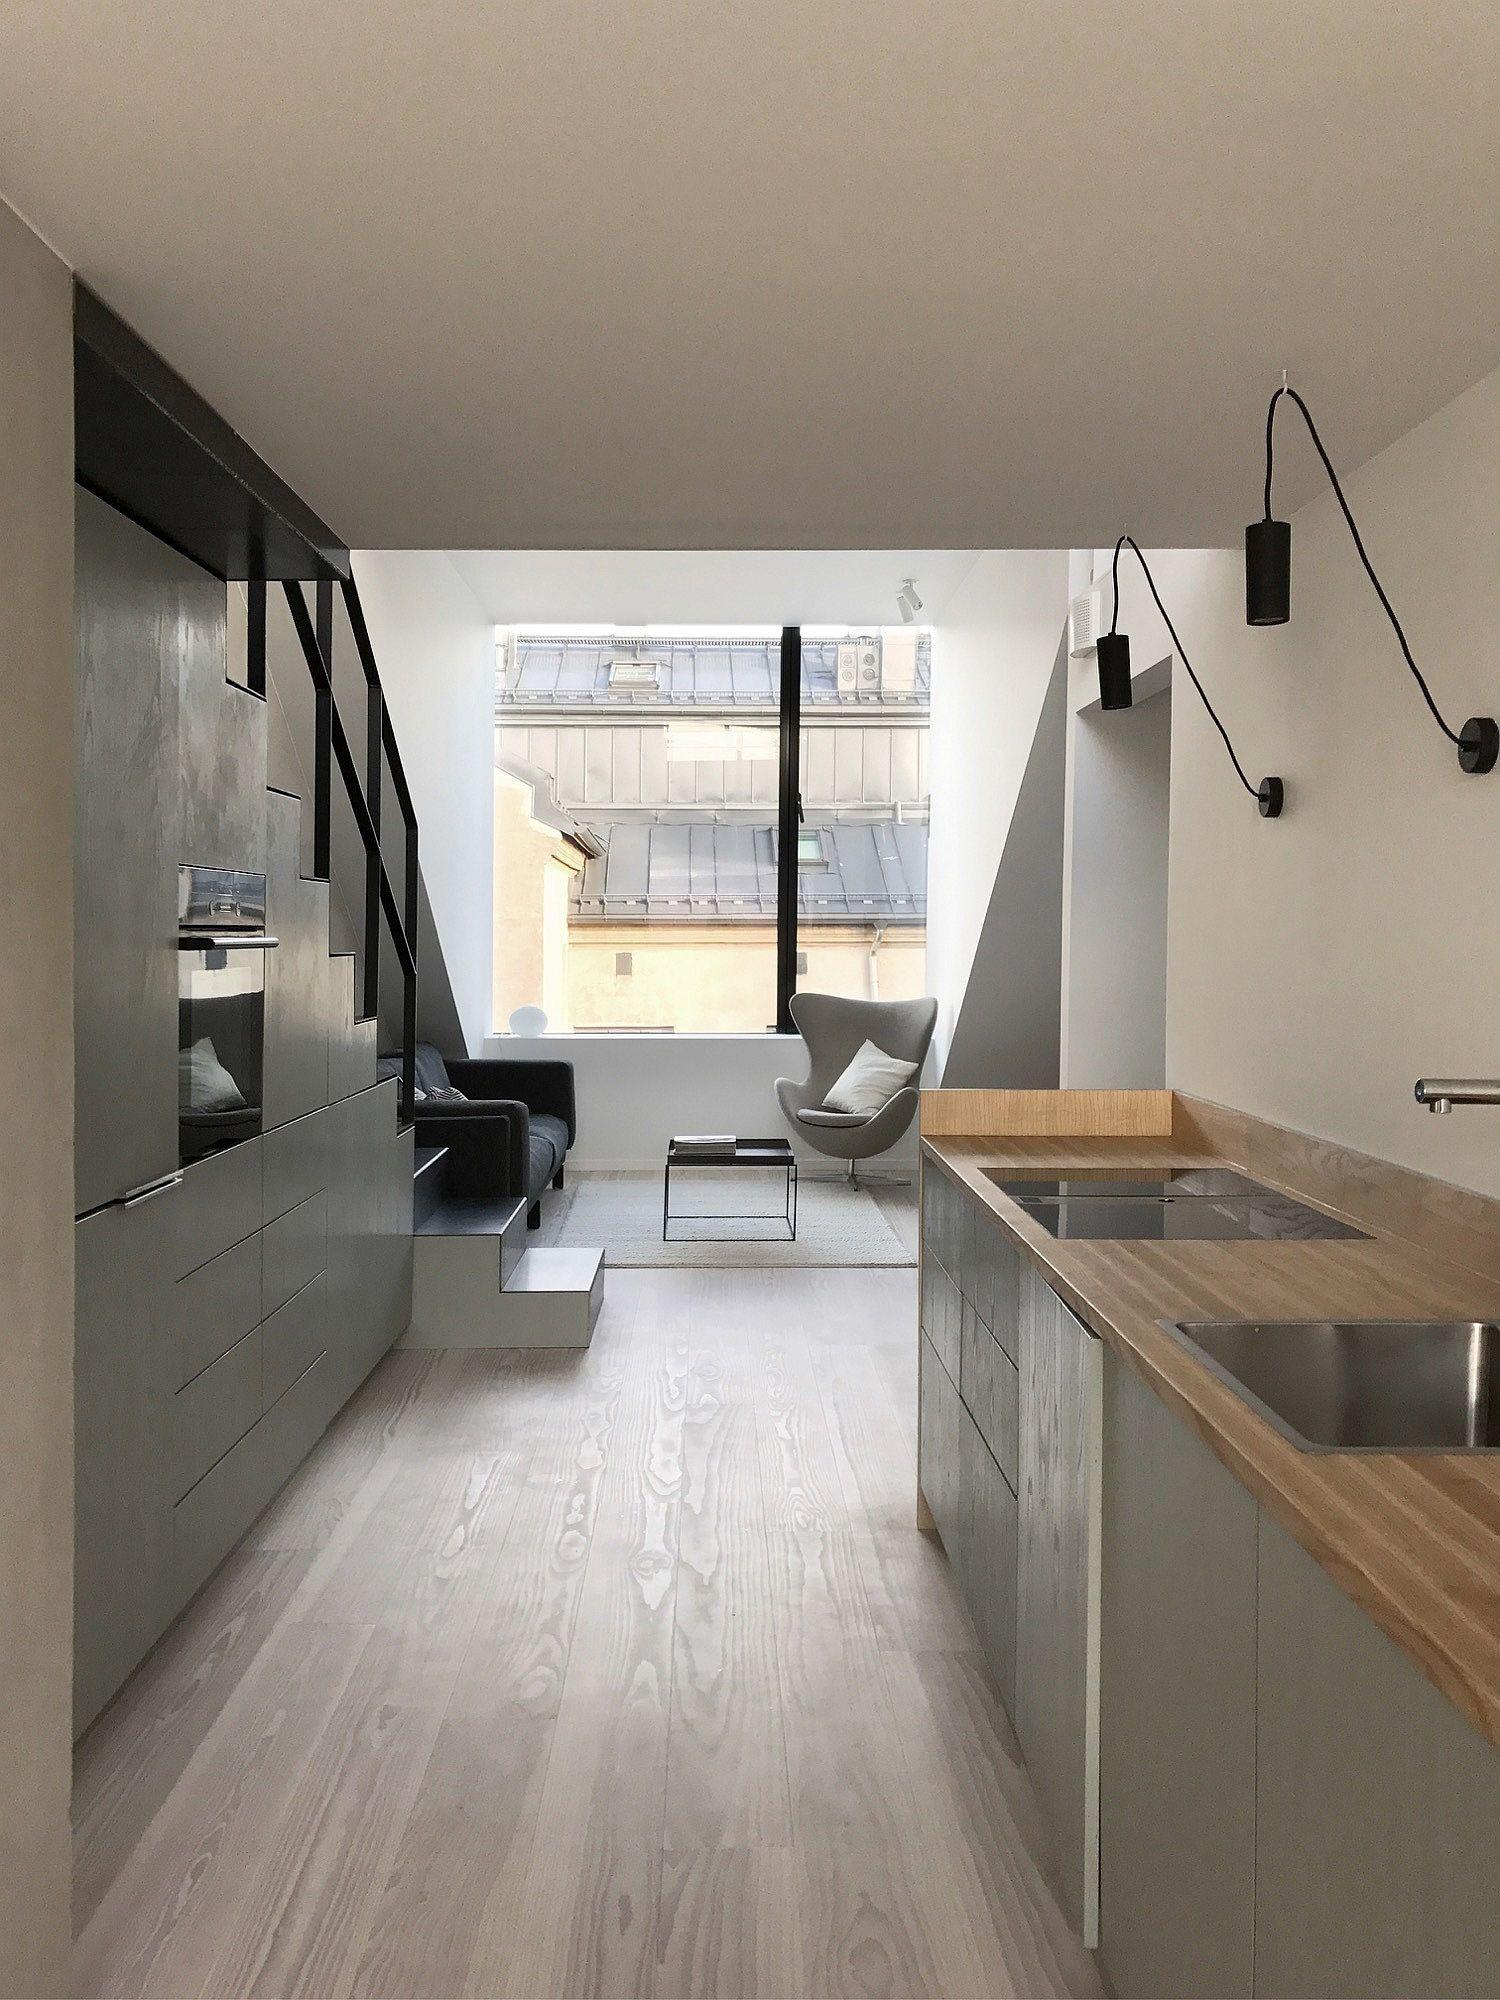 Biến hóa gác xép cũ thành căn hộ hiện đại, xinh xắn đầy ánh sáng tự nhiên - Ảnh 5